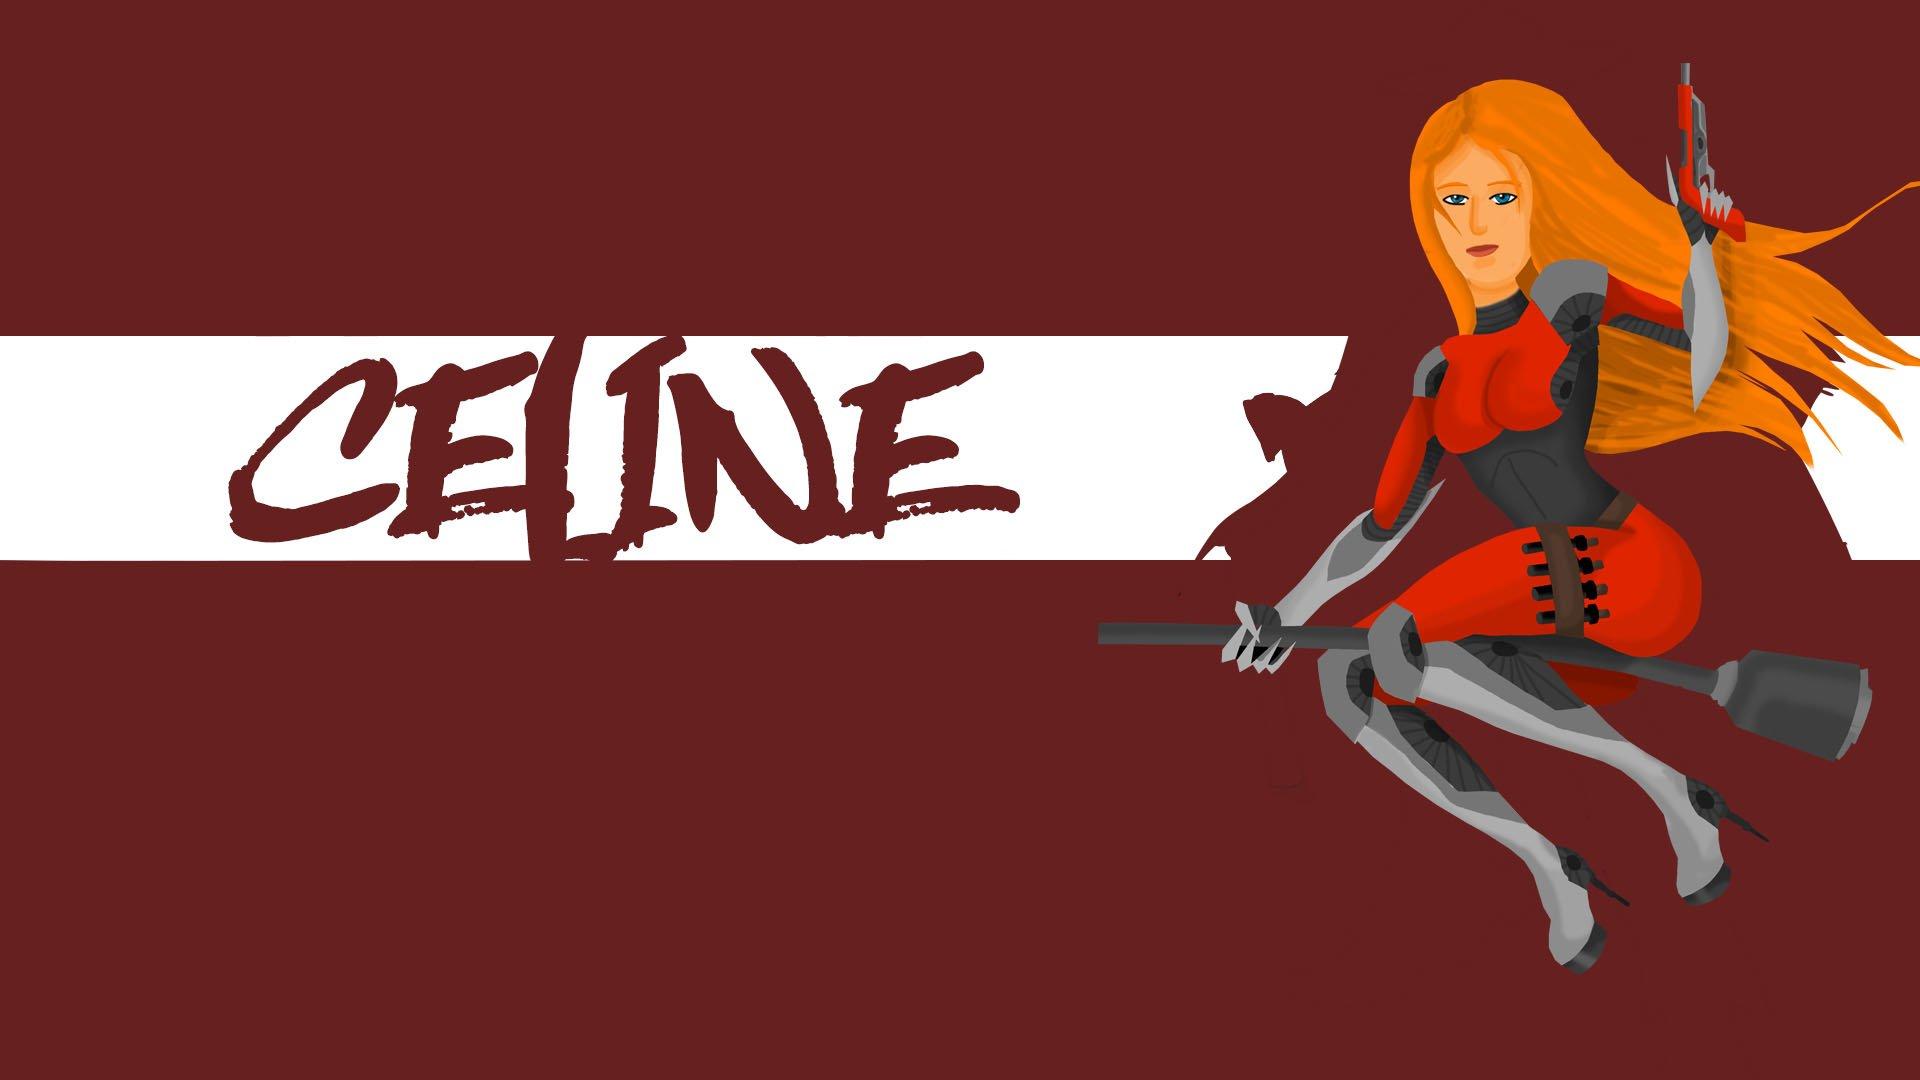 Кибер ведьма Селина #OverwatchHeroContest - Изображение 1